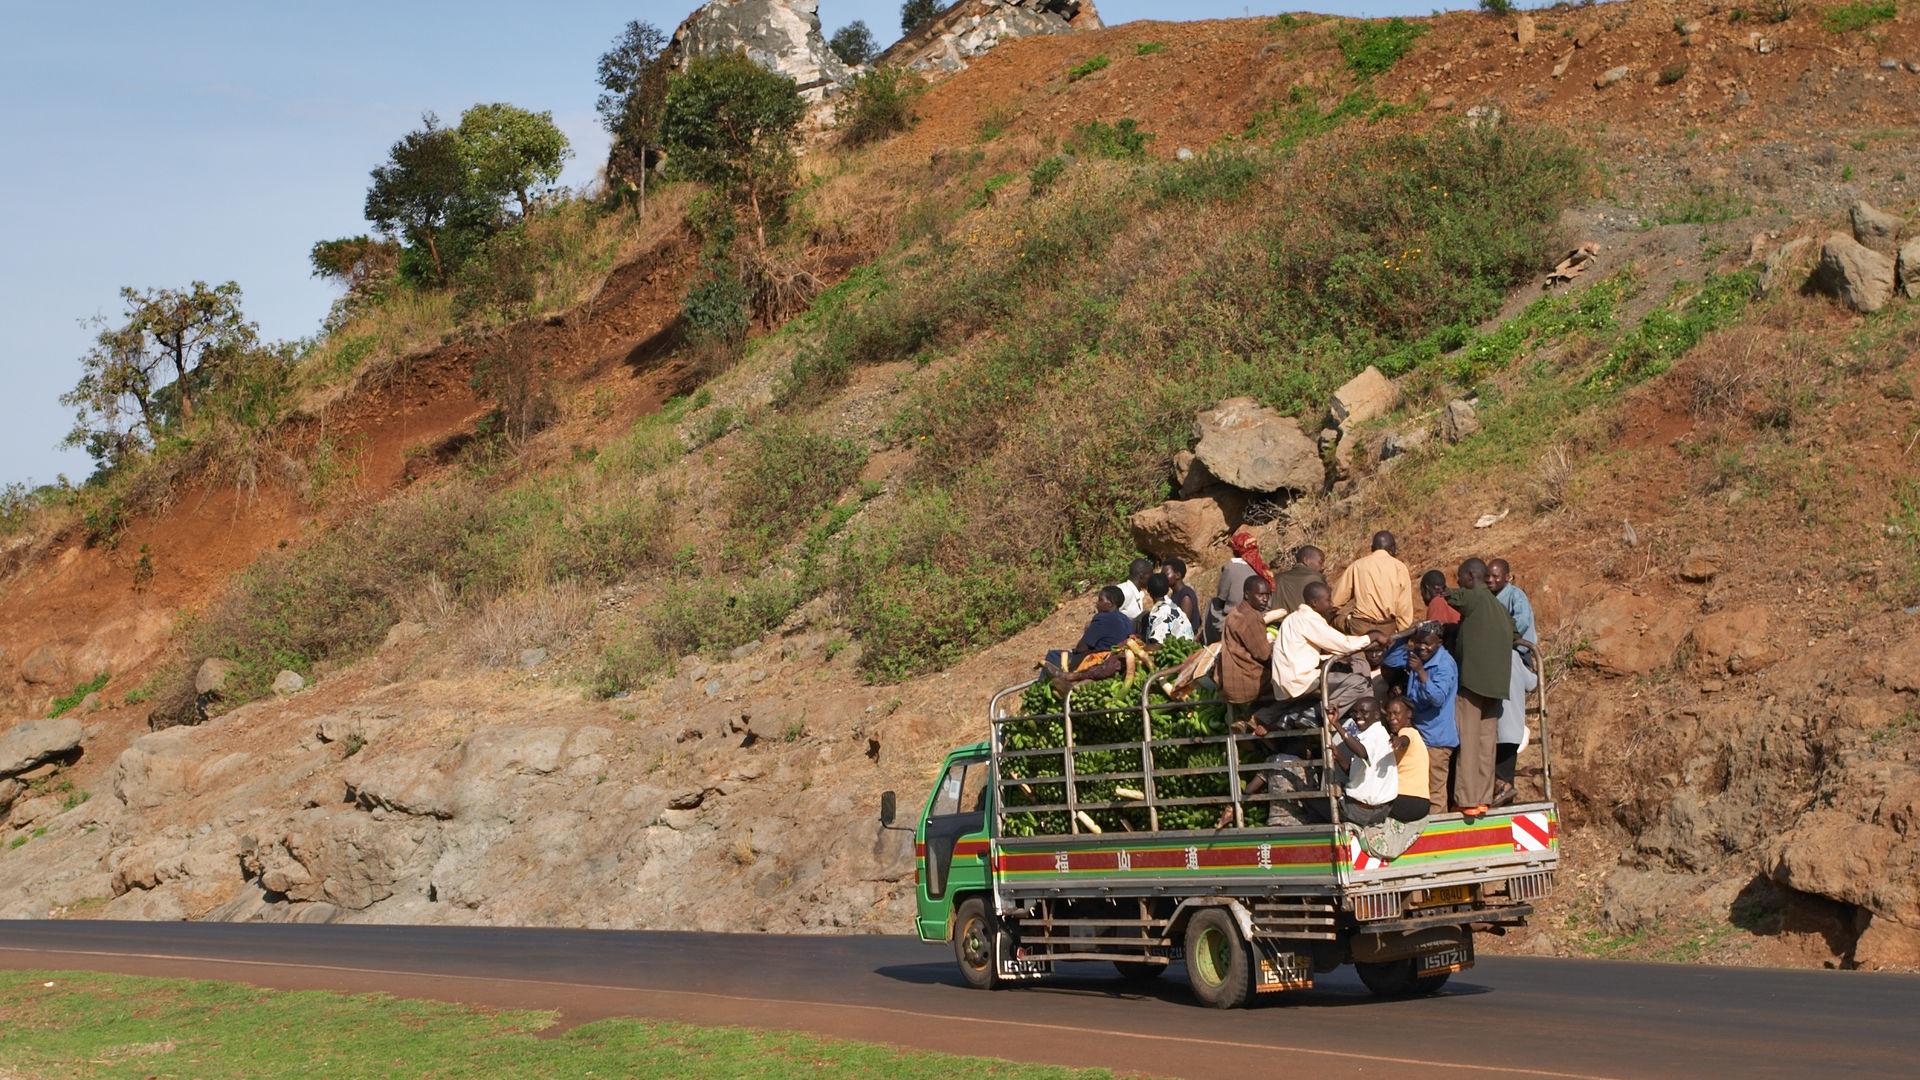 Beste reistijd Tanzania - Weer, klimaat & regenseizoen informatie